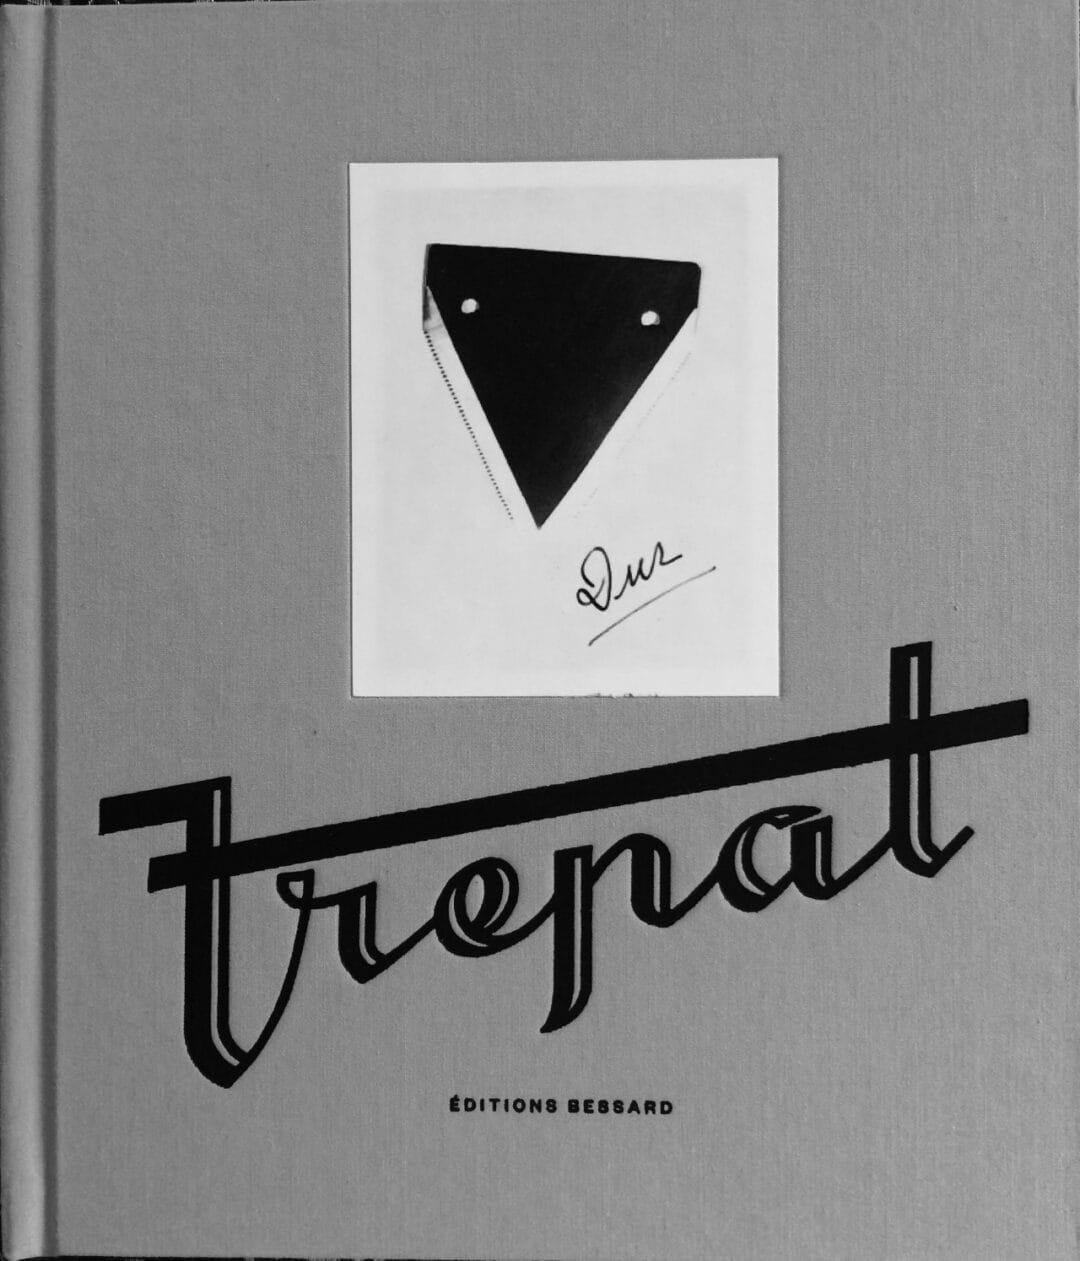 TREPAT by Joan Fontcuberta, …